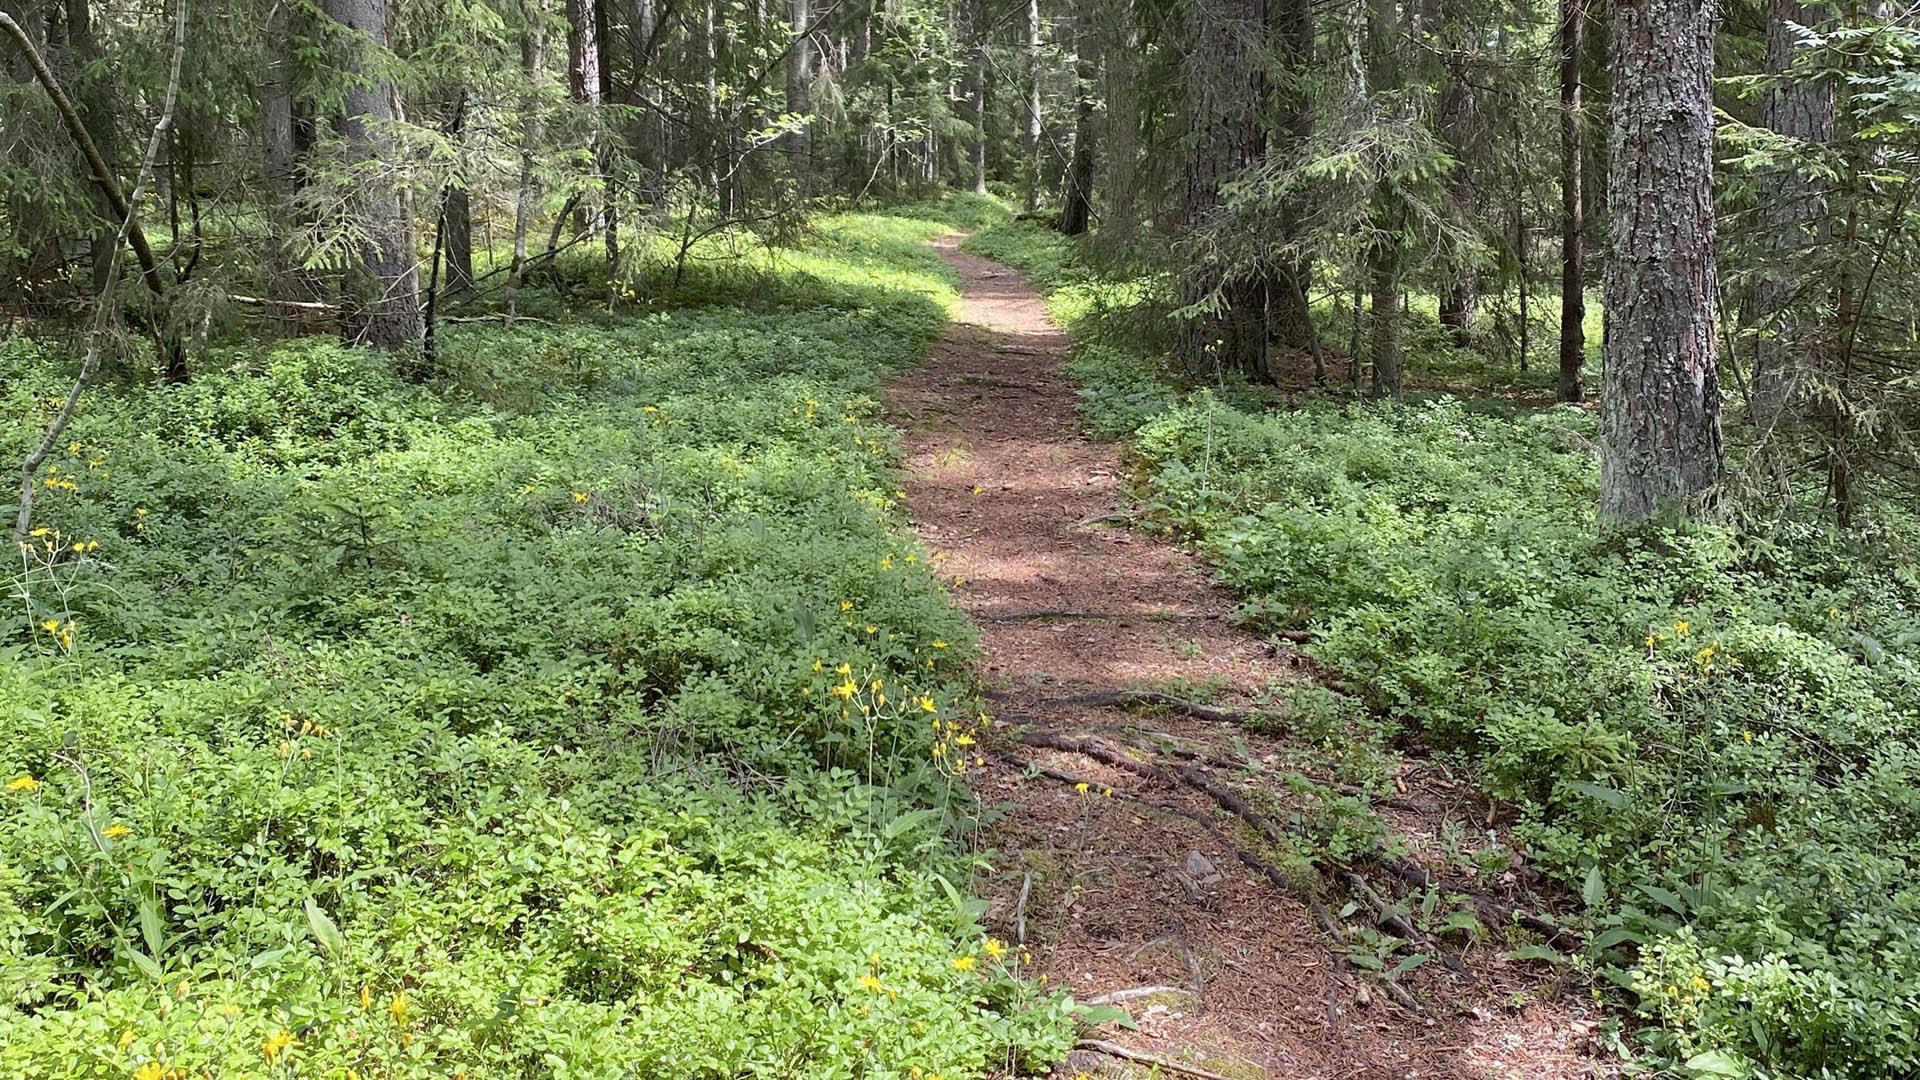 Skog, växtlighet och stig Limön.